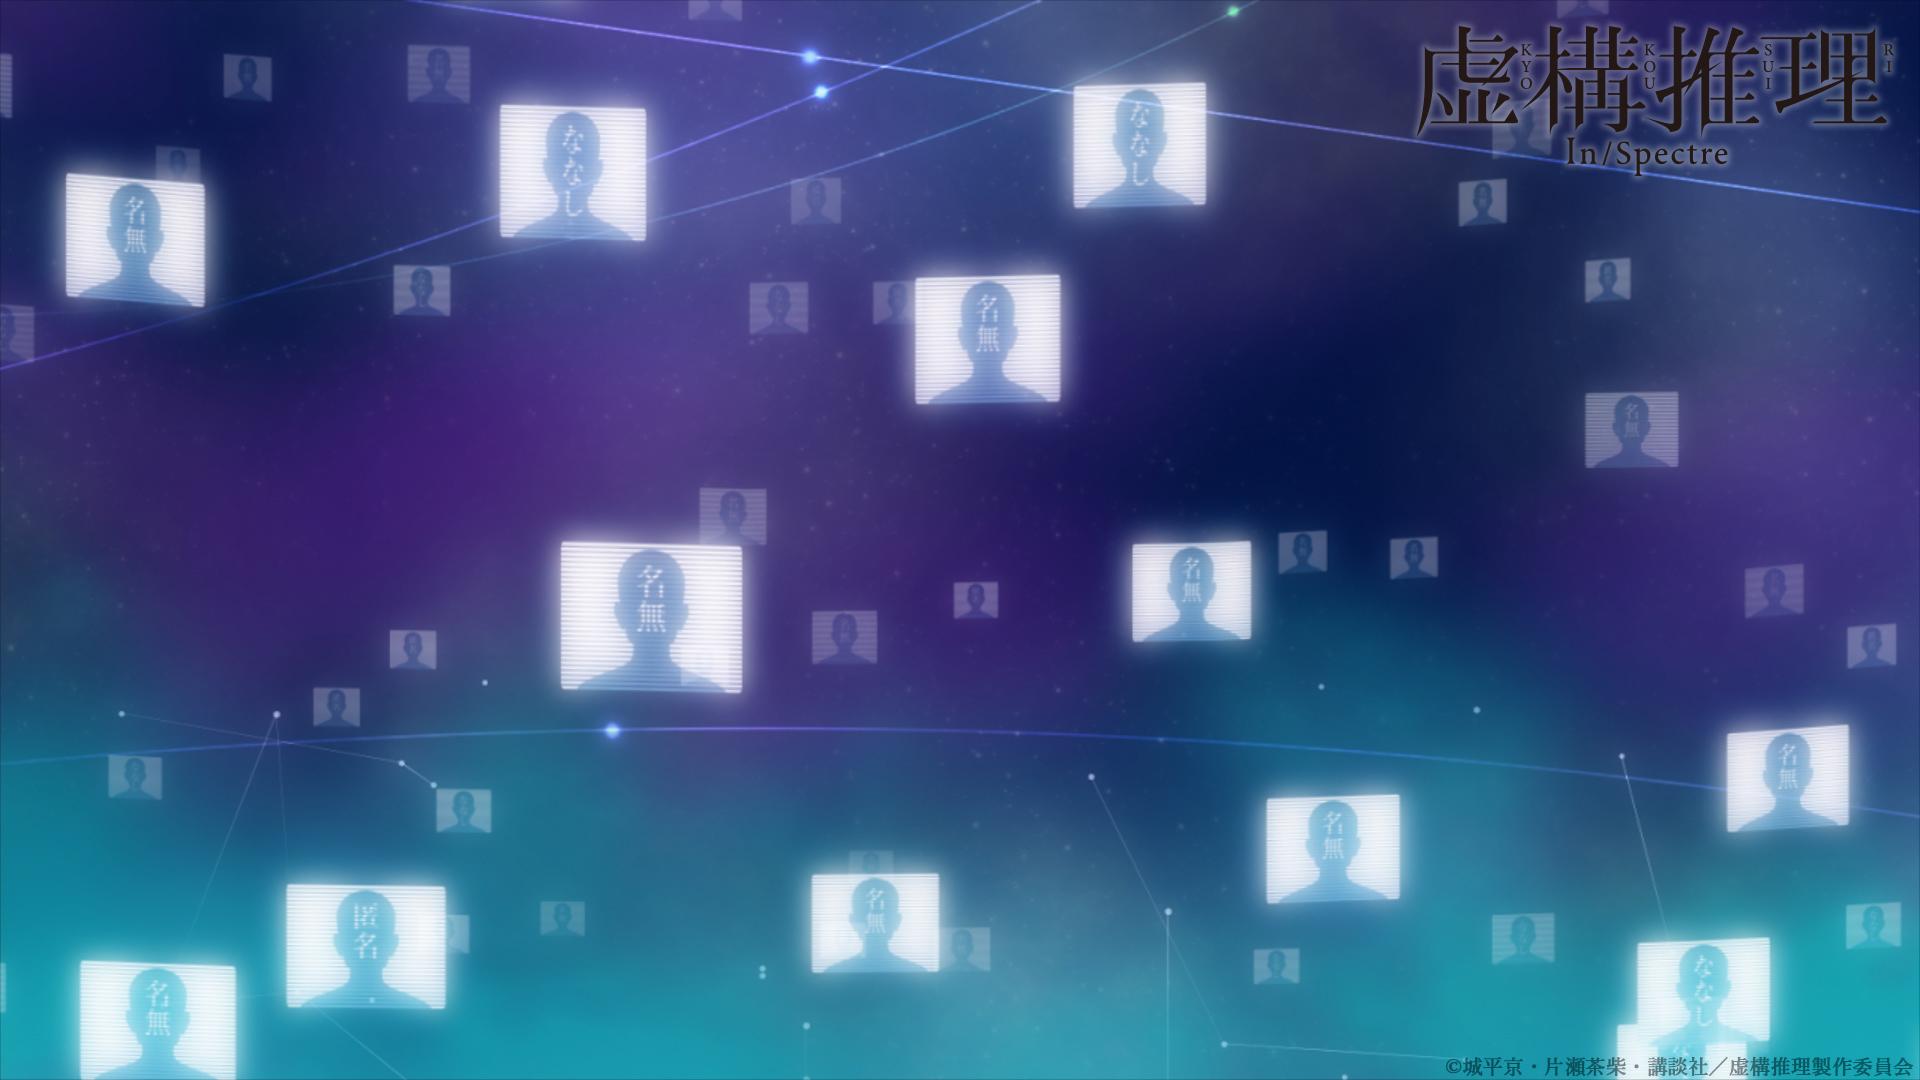 オンライン会議用に 壁紙11種を無料配布 News アニメ 虚構推理 公式サイト